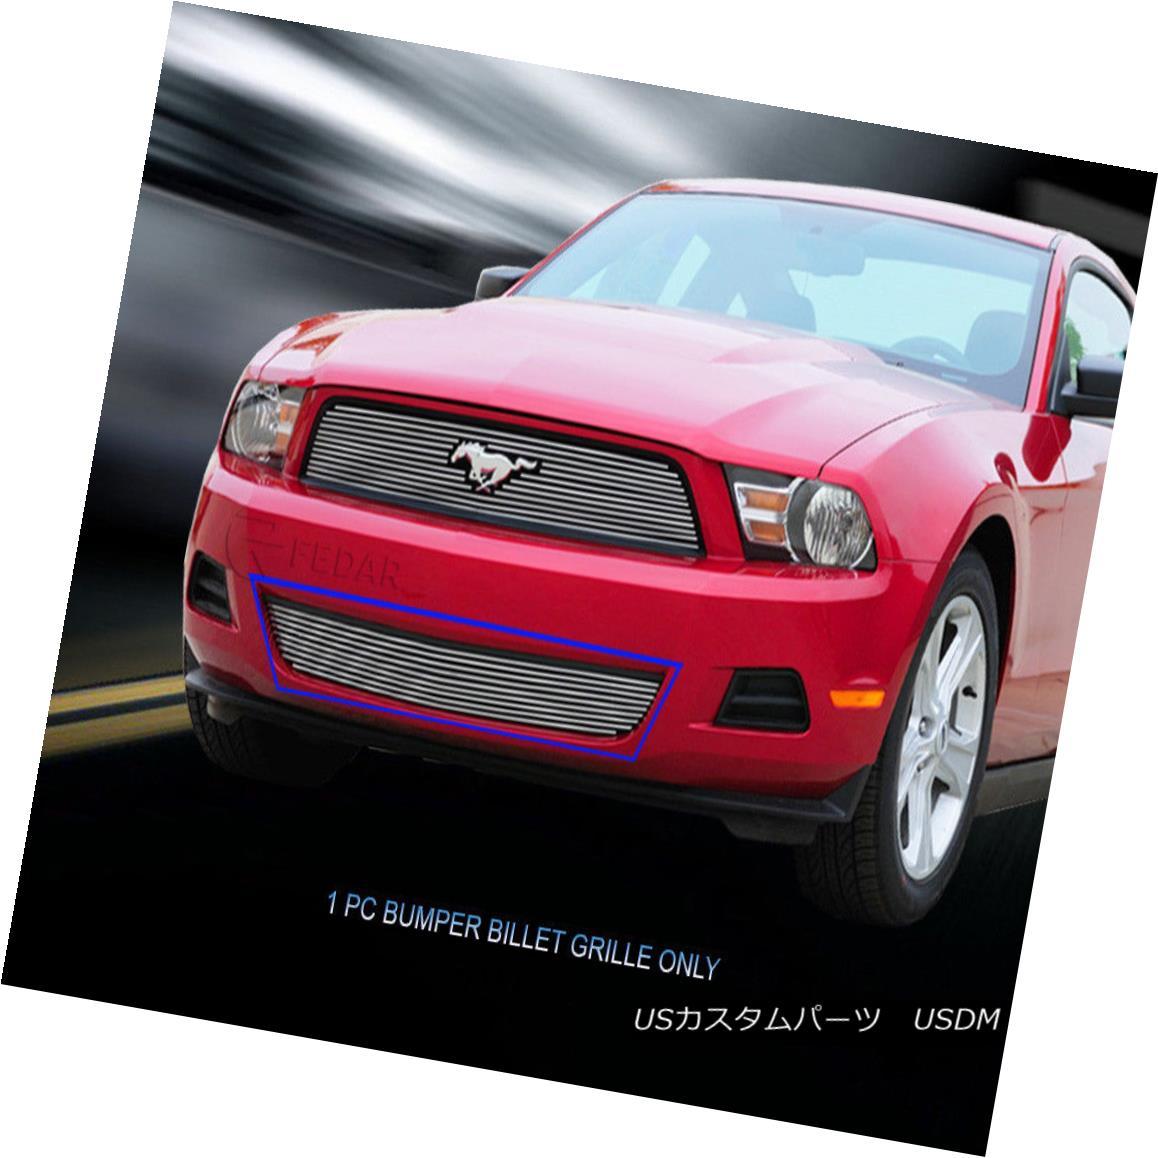 グリル Fits 2010 2011 2012 Ford Mustang V6 Billet Grille Bumper Grill Insert Fedar フィット2010年2011年2012フォードマスタングV6ビレットグリルバンパーグリルインサートFedar